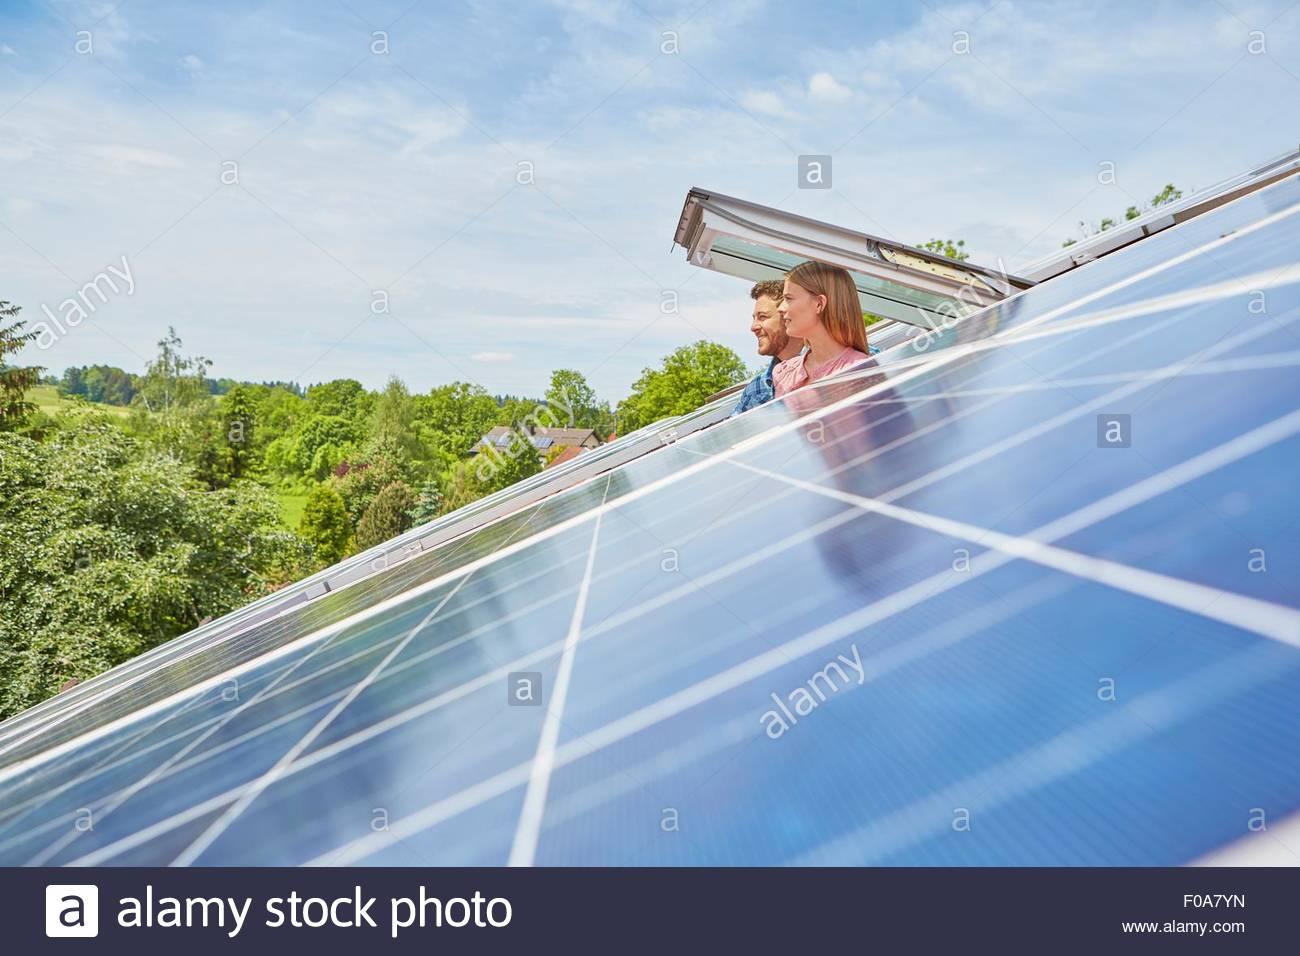 Coppia giovane guardando fuori della finestra di pannelli solari sul tetto Immagini Stock